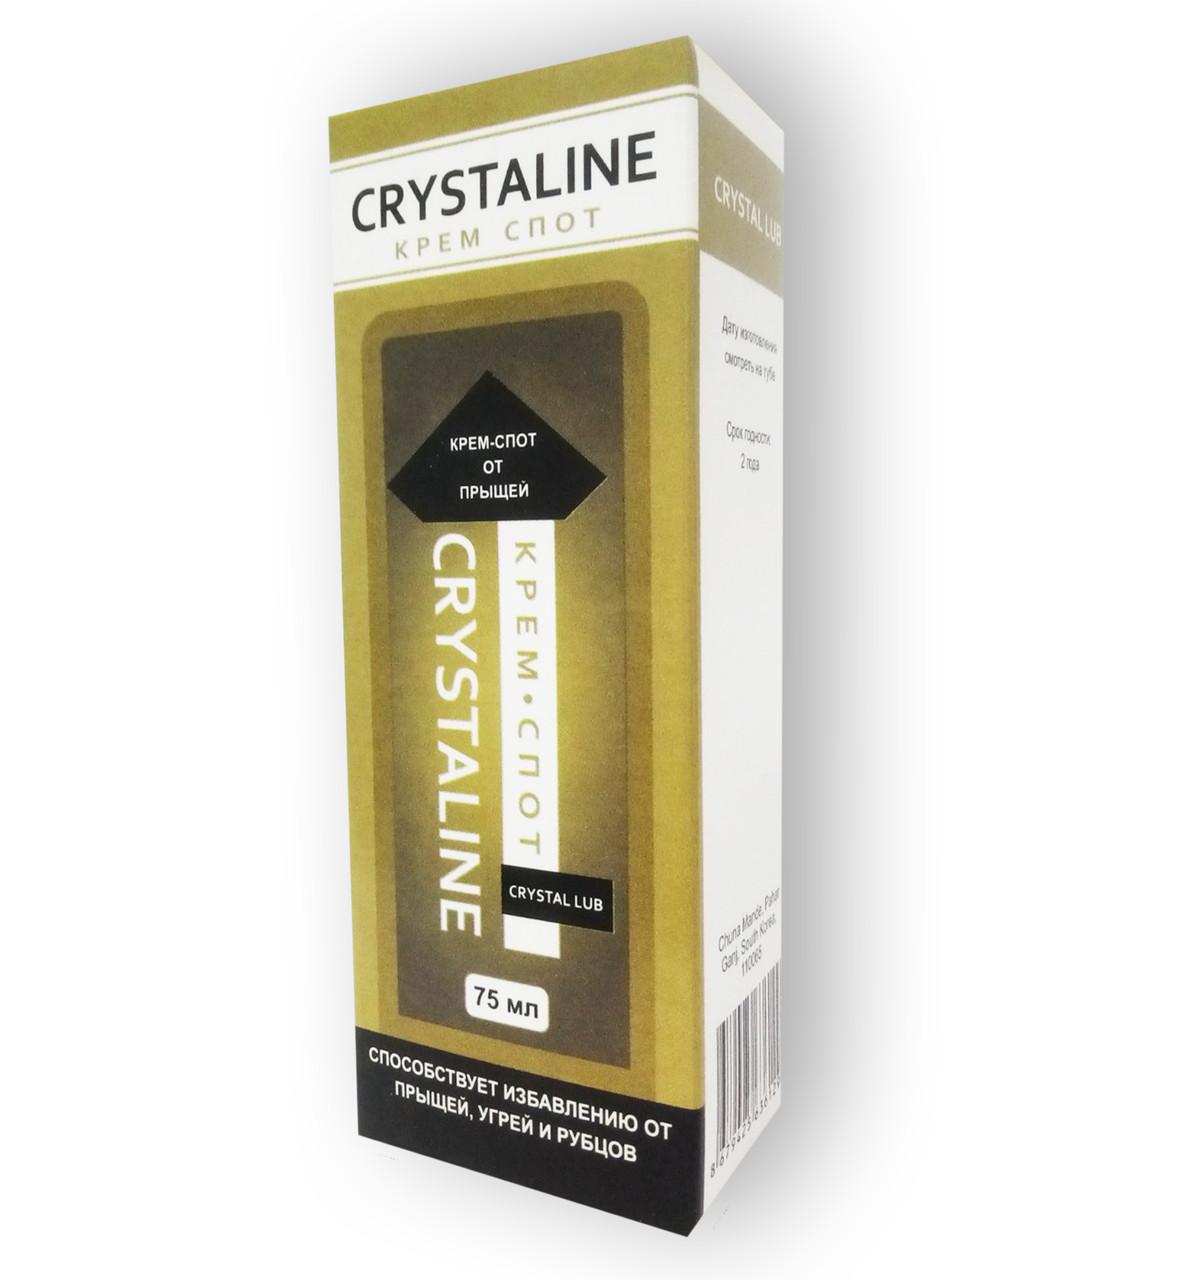 Crystaline - Крем-спот від прищів (Кристалин)